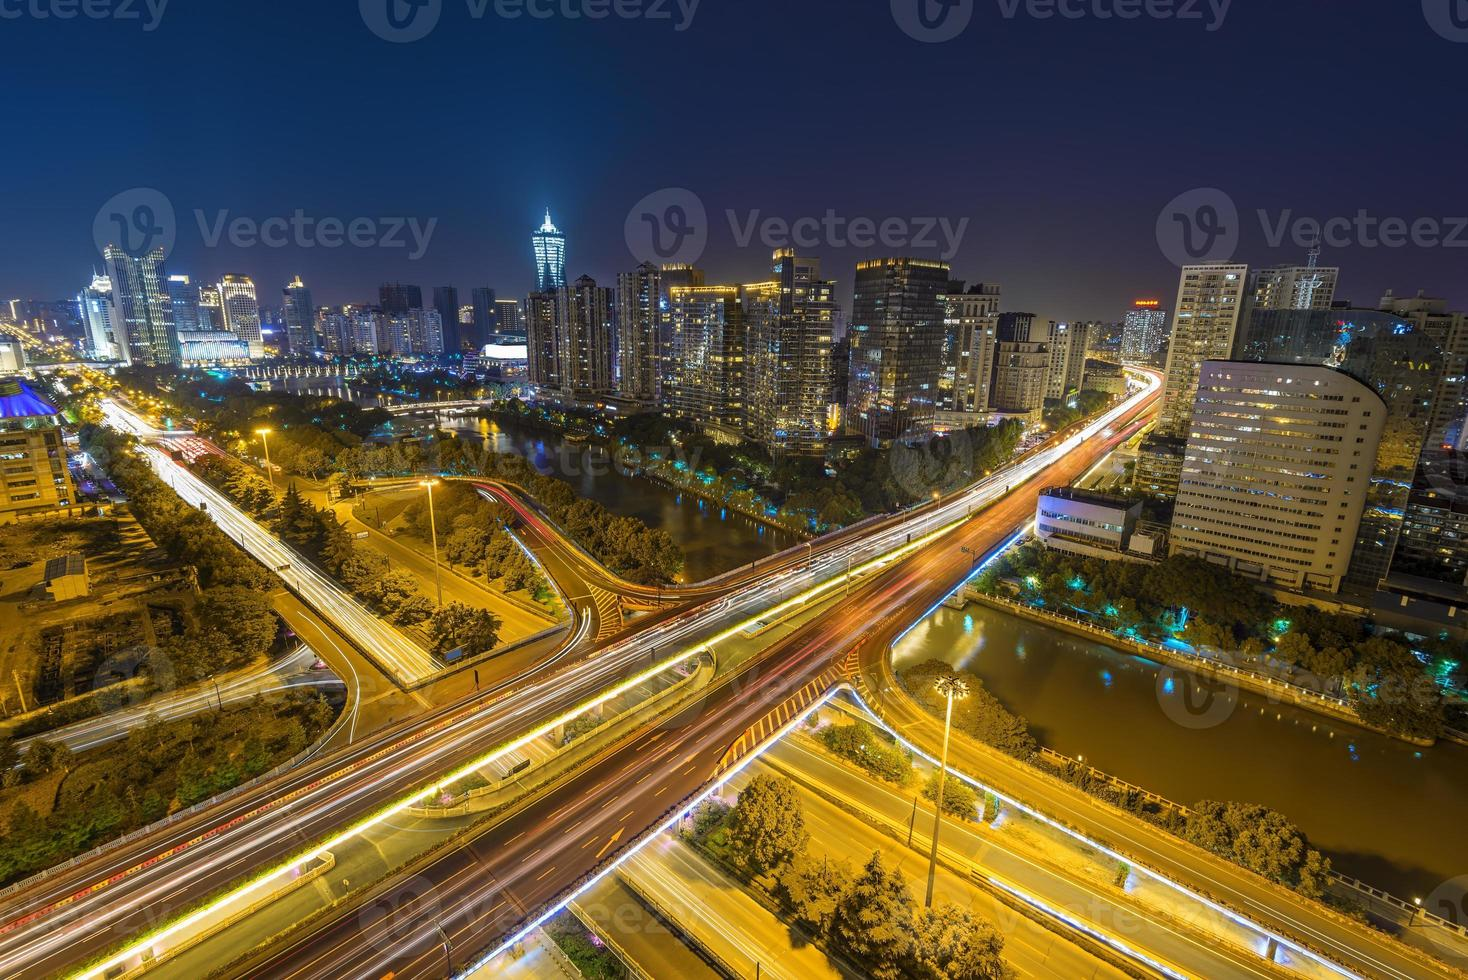 Sentieri semaforo sul cavalcavia e paesaggio urbano di notte foto